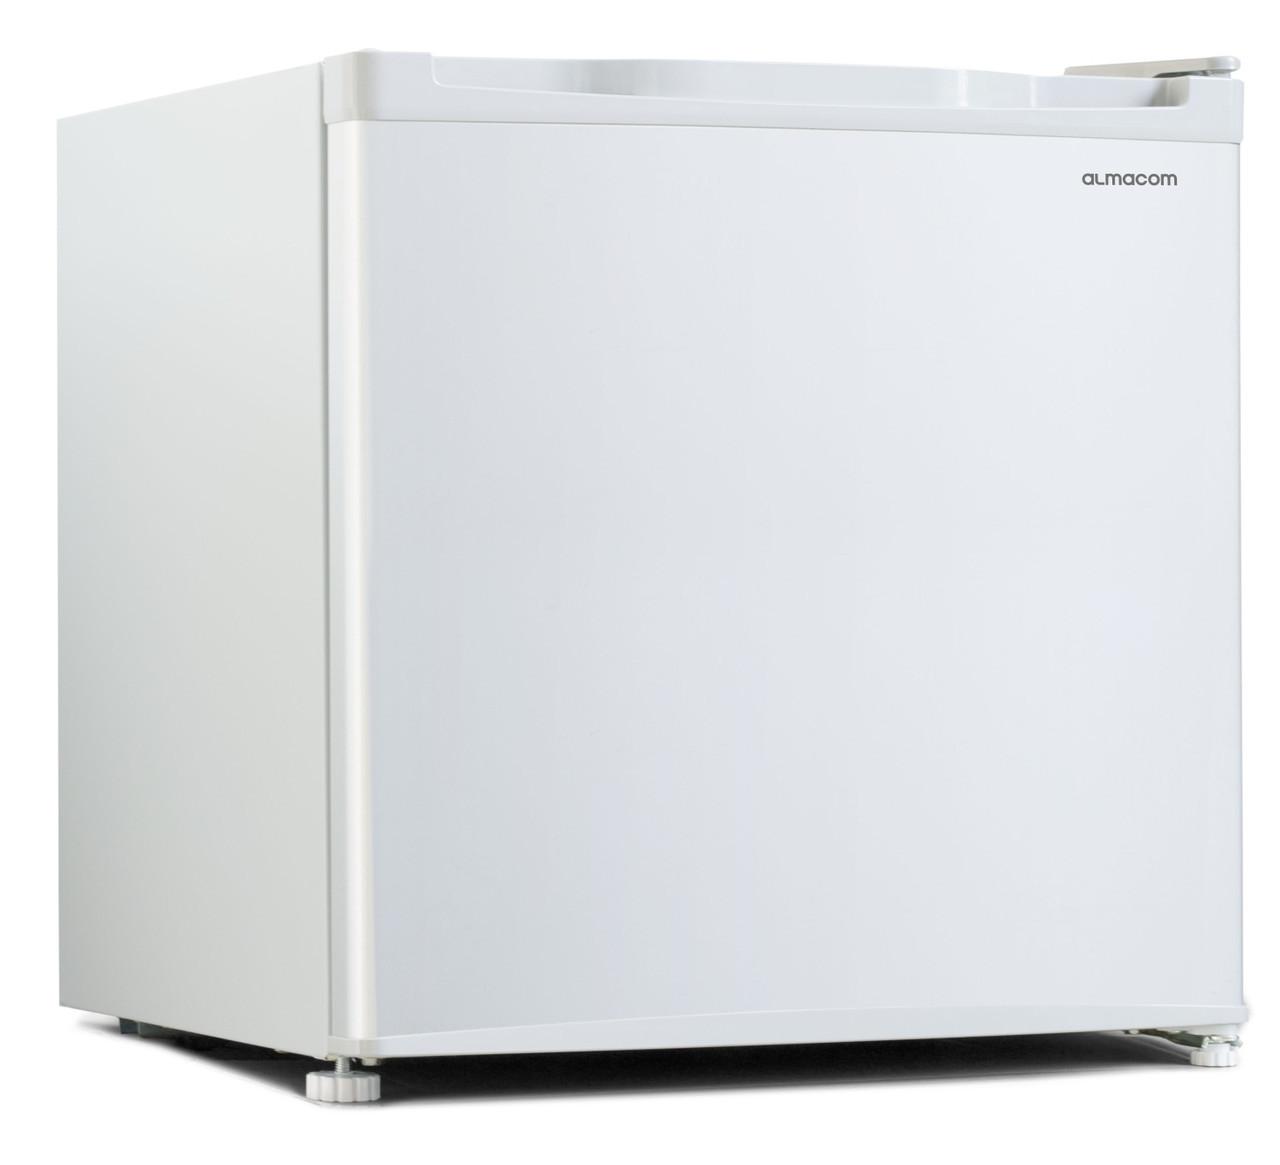 Однокамерный Холодильник с морозильником Almacom AR-50